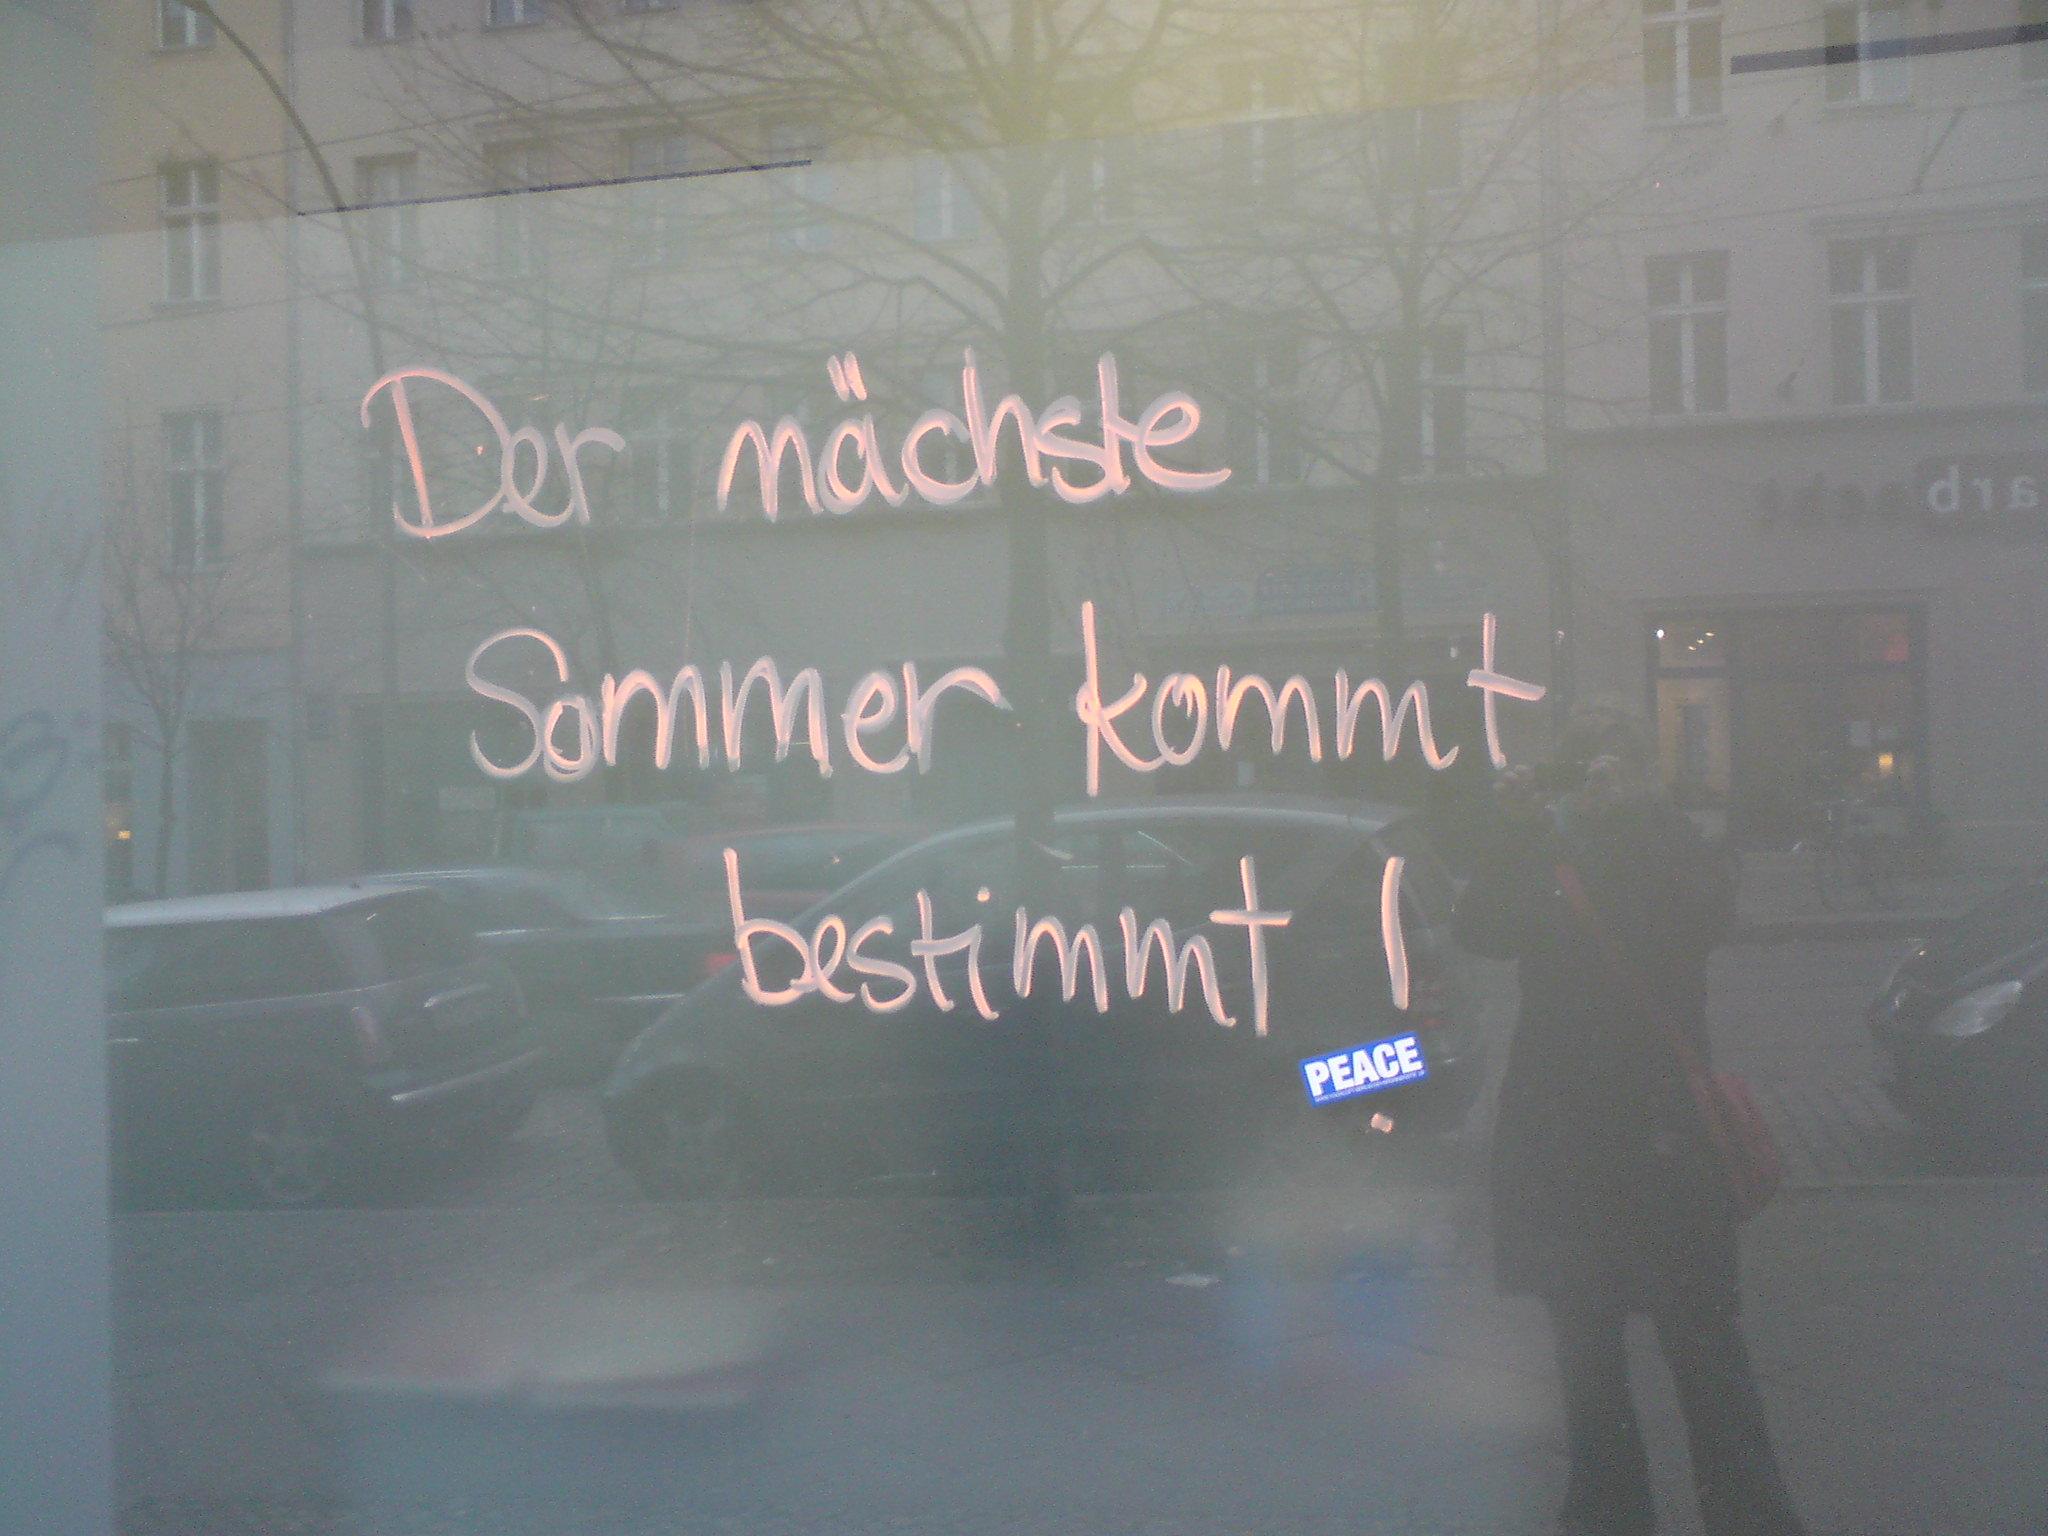 der-naechste-sommer-kommt-bestimmt-01